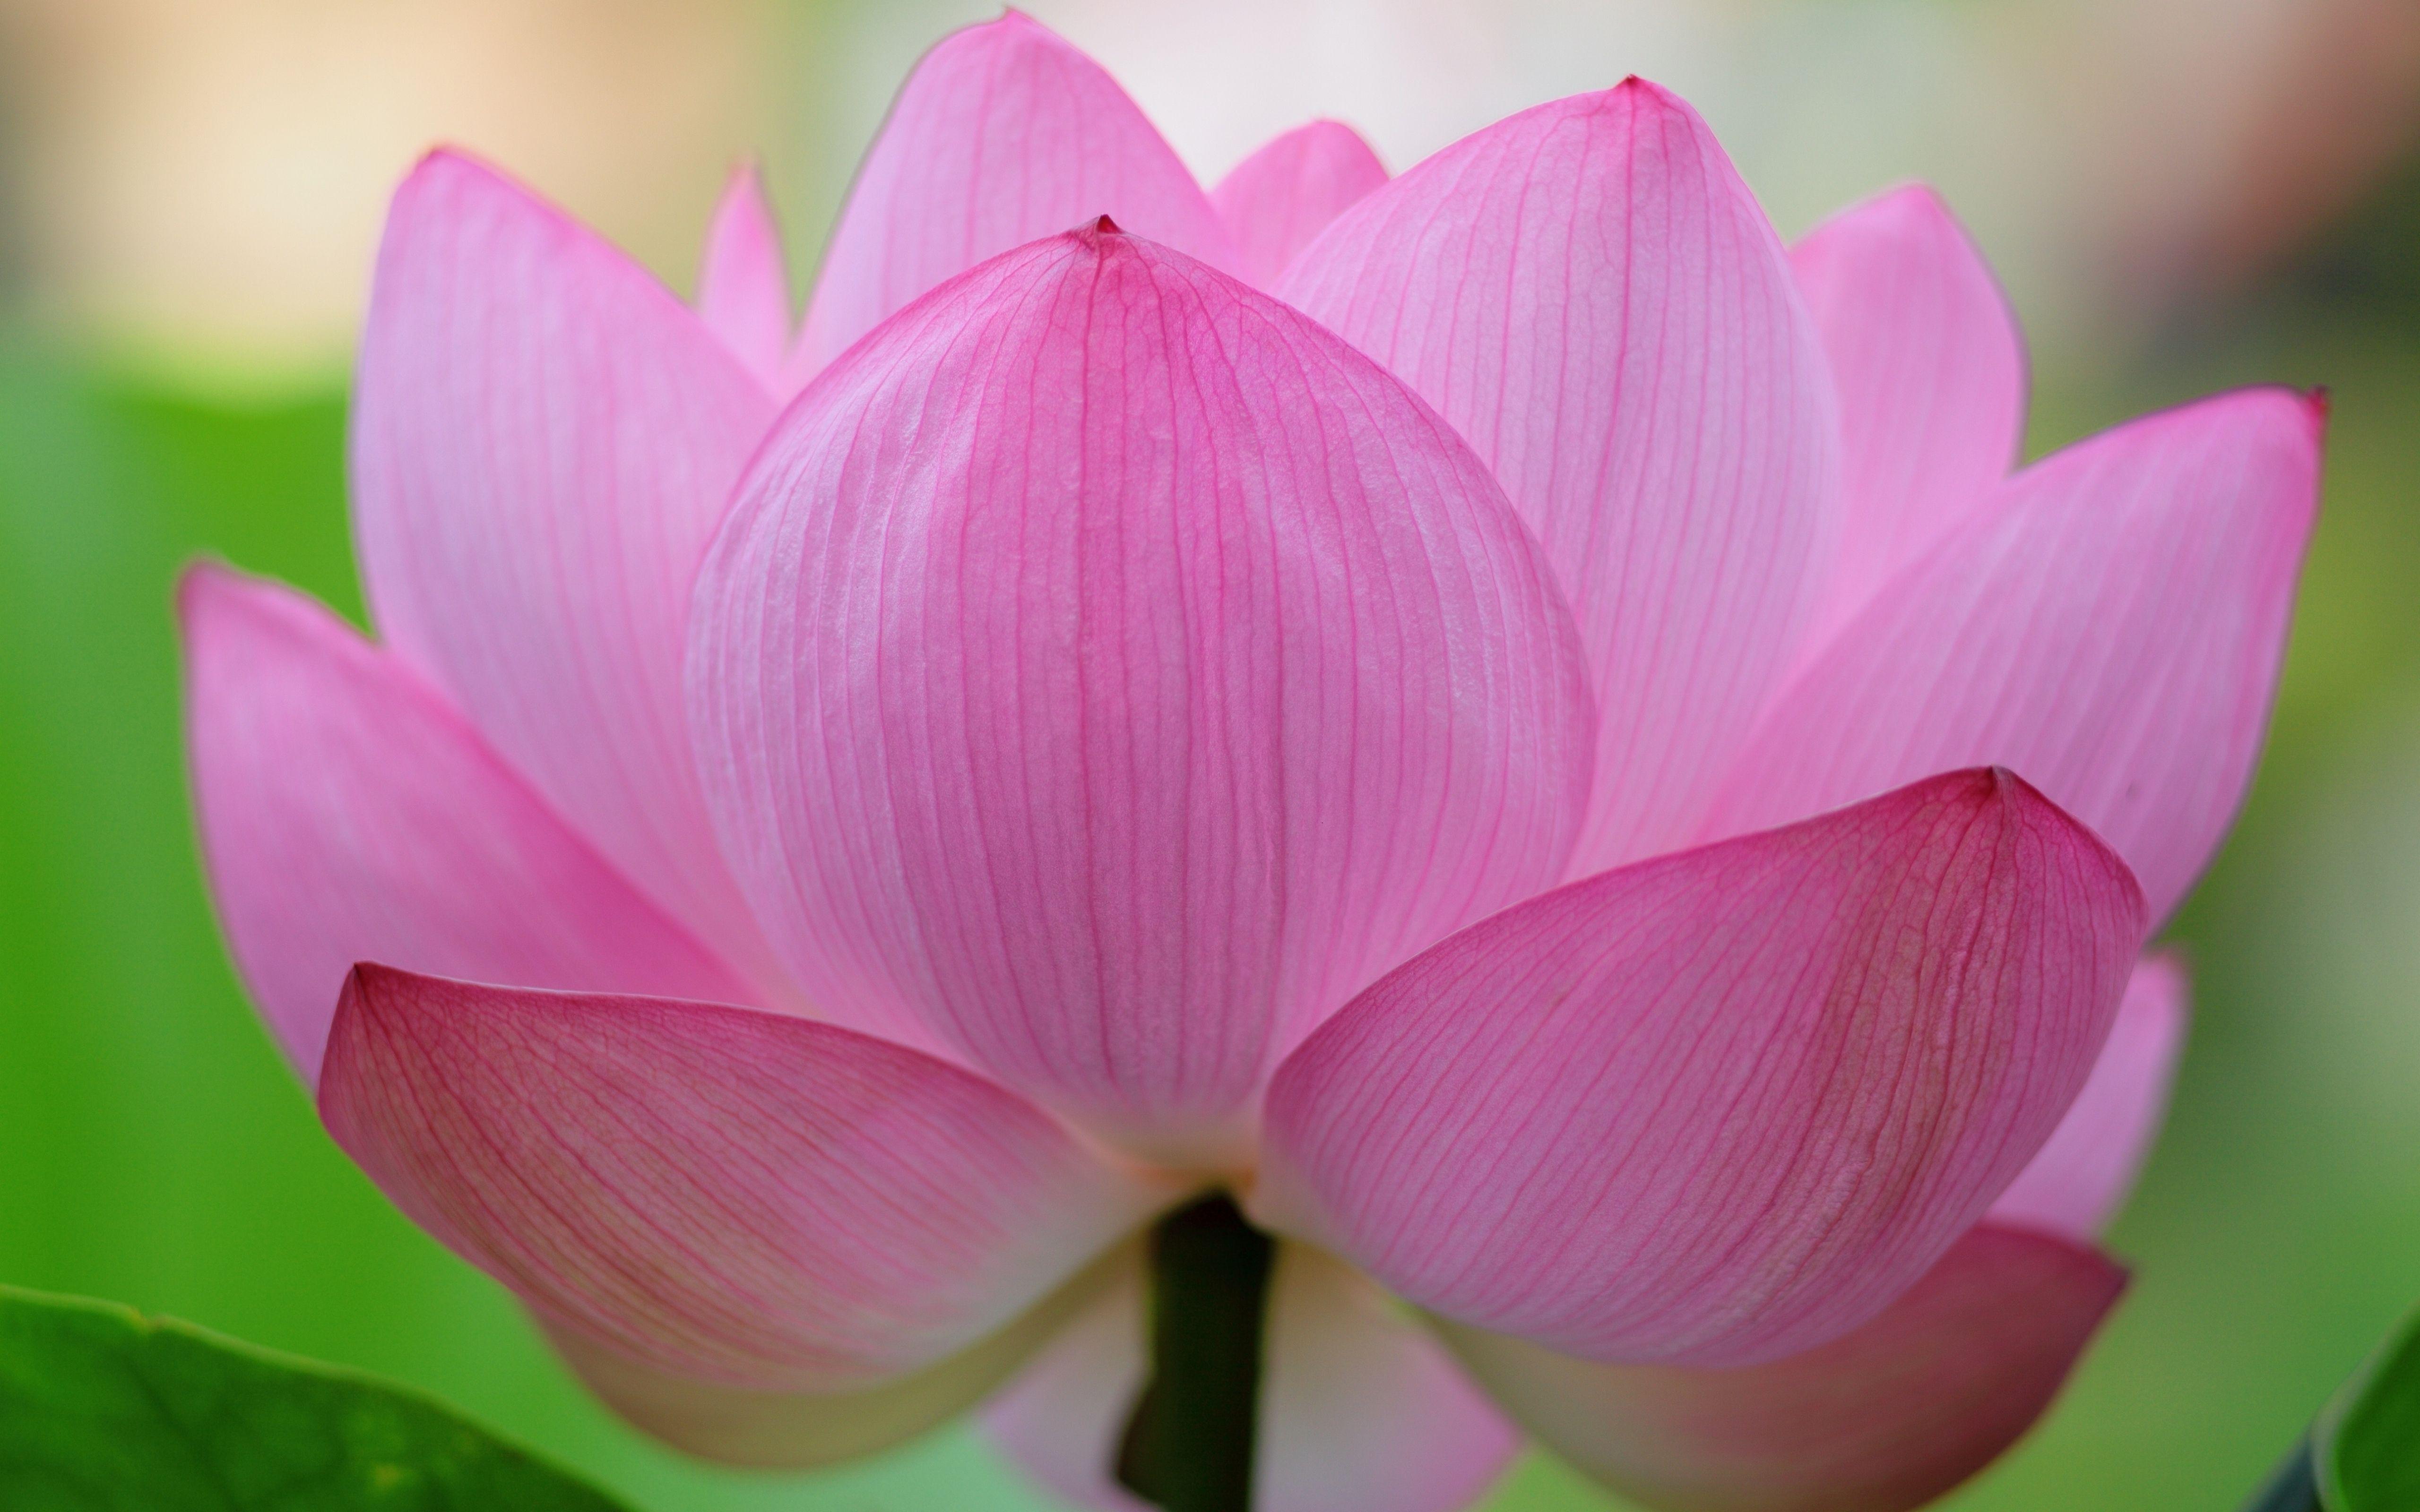 Pink Lotus Flower Desktop Background Wallpaper Free